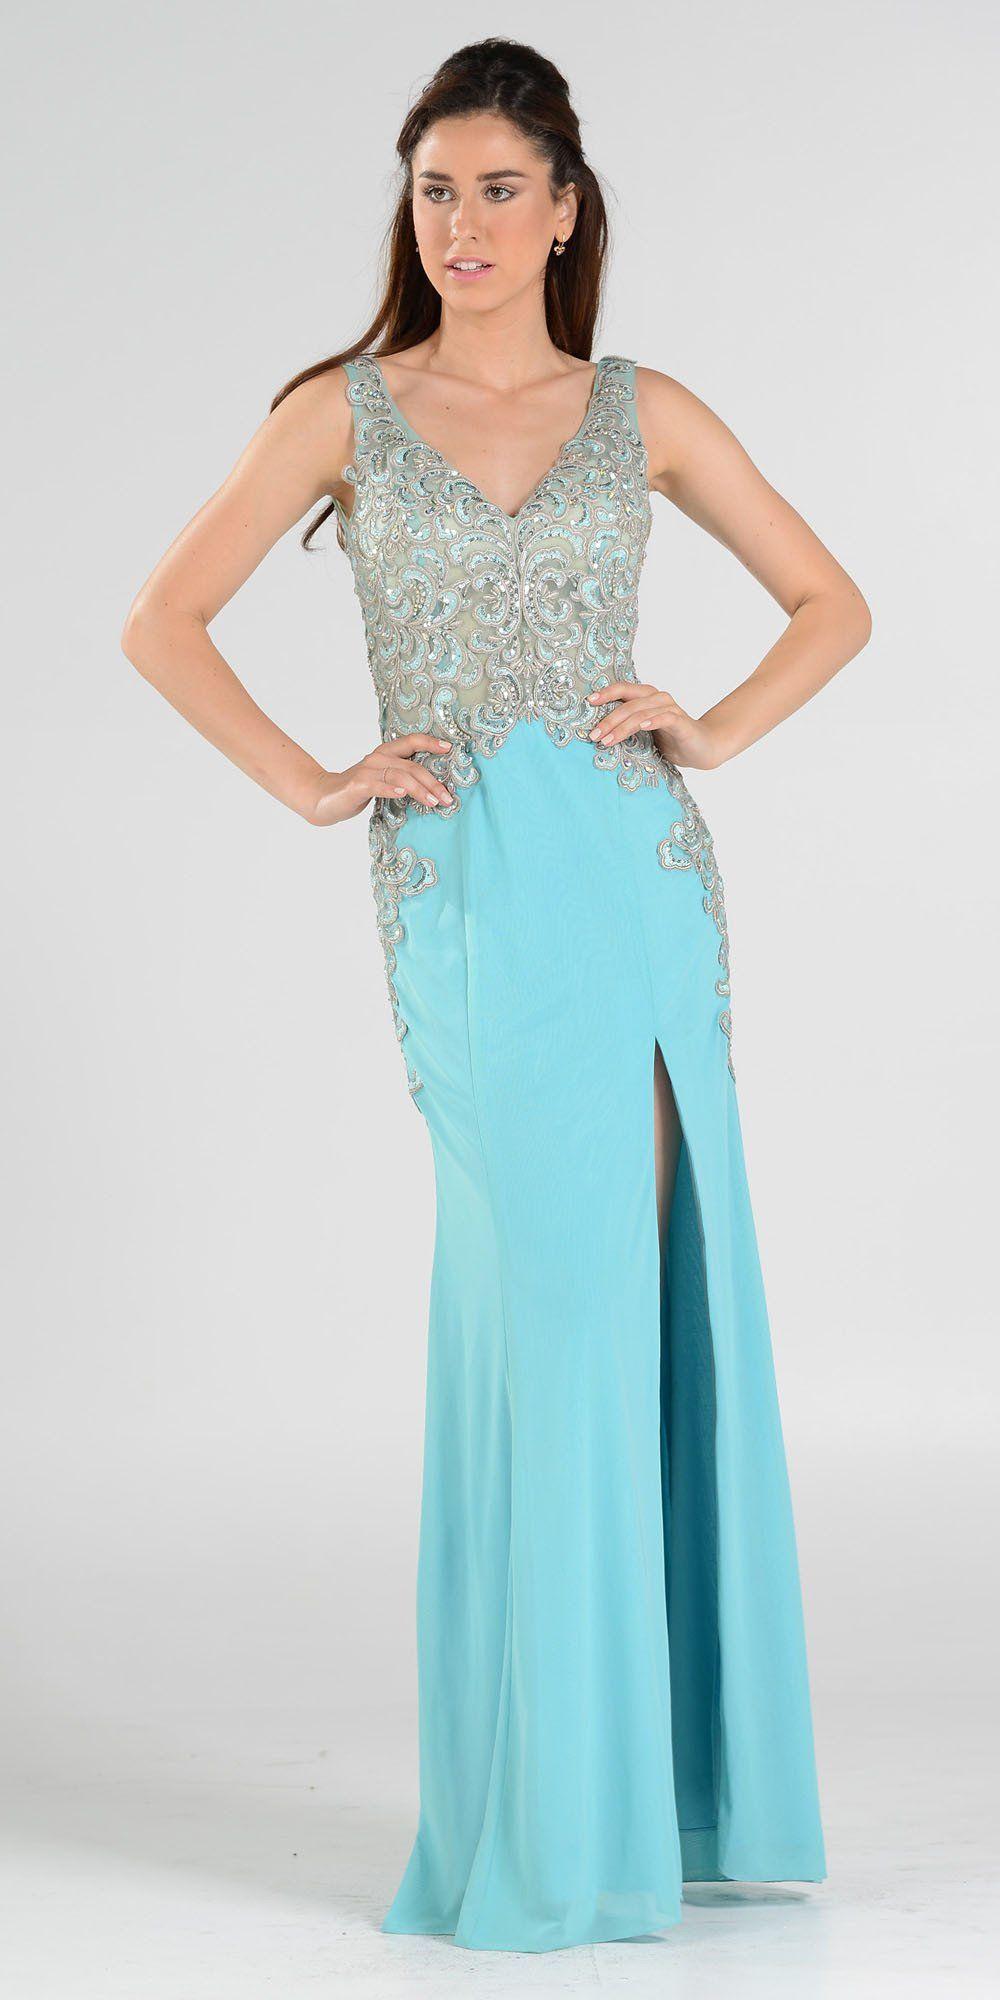 Aqua vneck sheer appliqued bodice long prom dress with slit prom